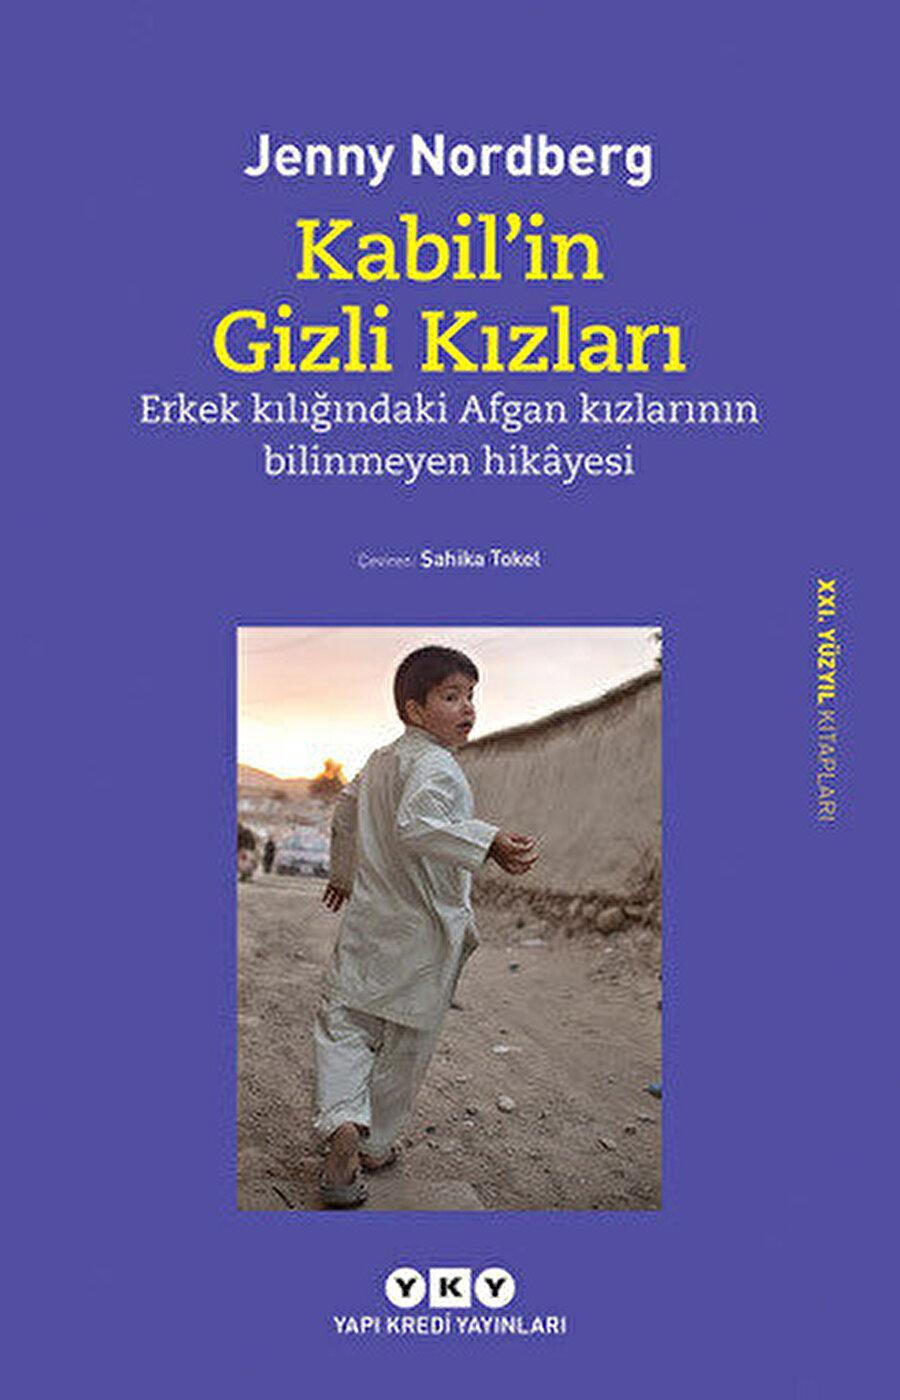 İsveç asıllı ödüllü gazeteci Jenny Nordberg'in 2009-2014 yılları arasında yaptığı bir çalışmanın neticesinde 2014 yılında yayımladığı, 2016'da Türkçeye çevrilen Kabil'in Gizli Kızları: Erkek Kılığındaki Afgan Kızlarının Bilinmeyen Hikâyesi kitabı, Beççe pûş: The Afghan girls living secretly as boys; She is My Son Afghanistan's Beççe pûş, When Girls Become Boys belgeselleri ve BBC, The New York Times gibi medya kuruluşlarının yaptığı haberler beççe pûş adı verilen bu uygulamanın başlıca kaynaklarını oluşturuyor